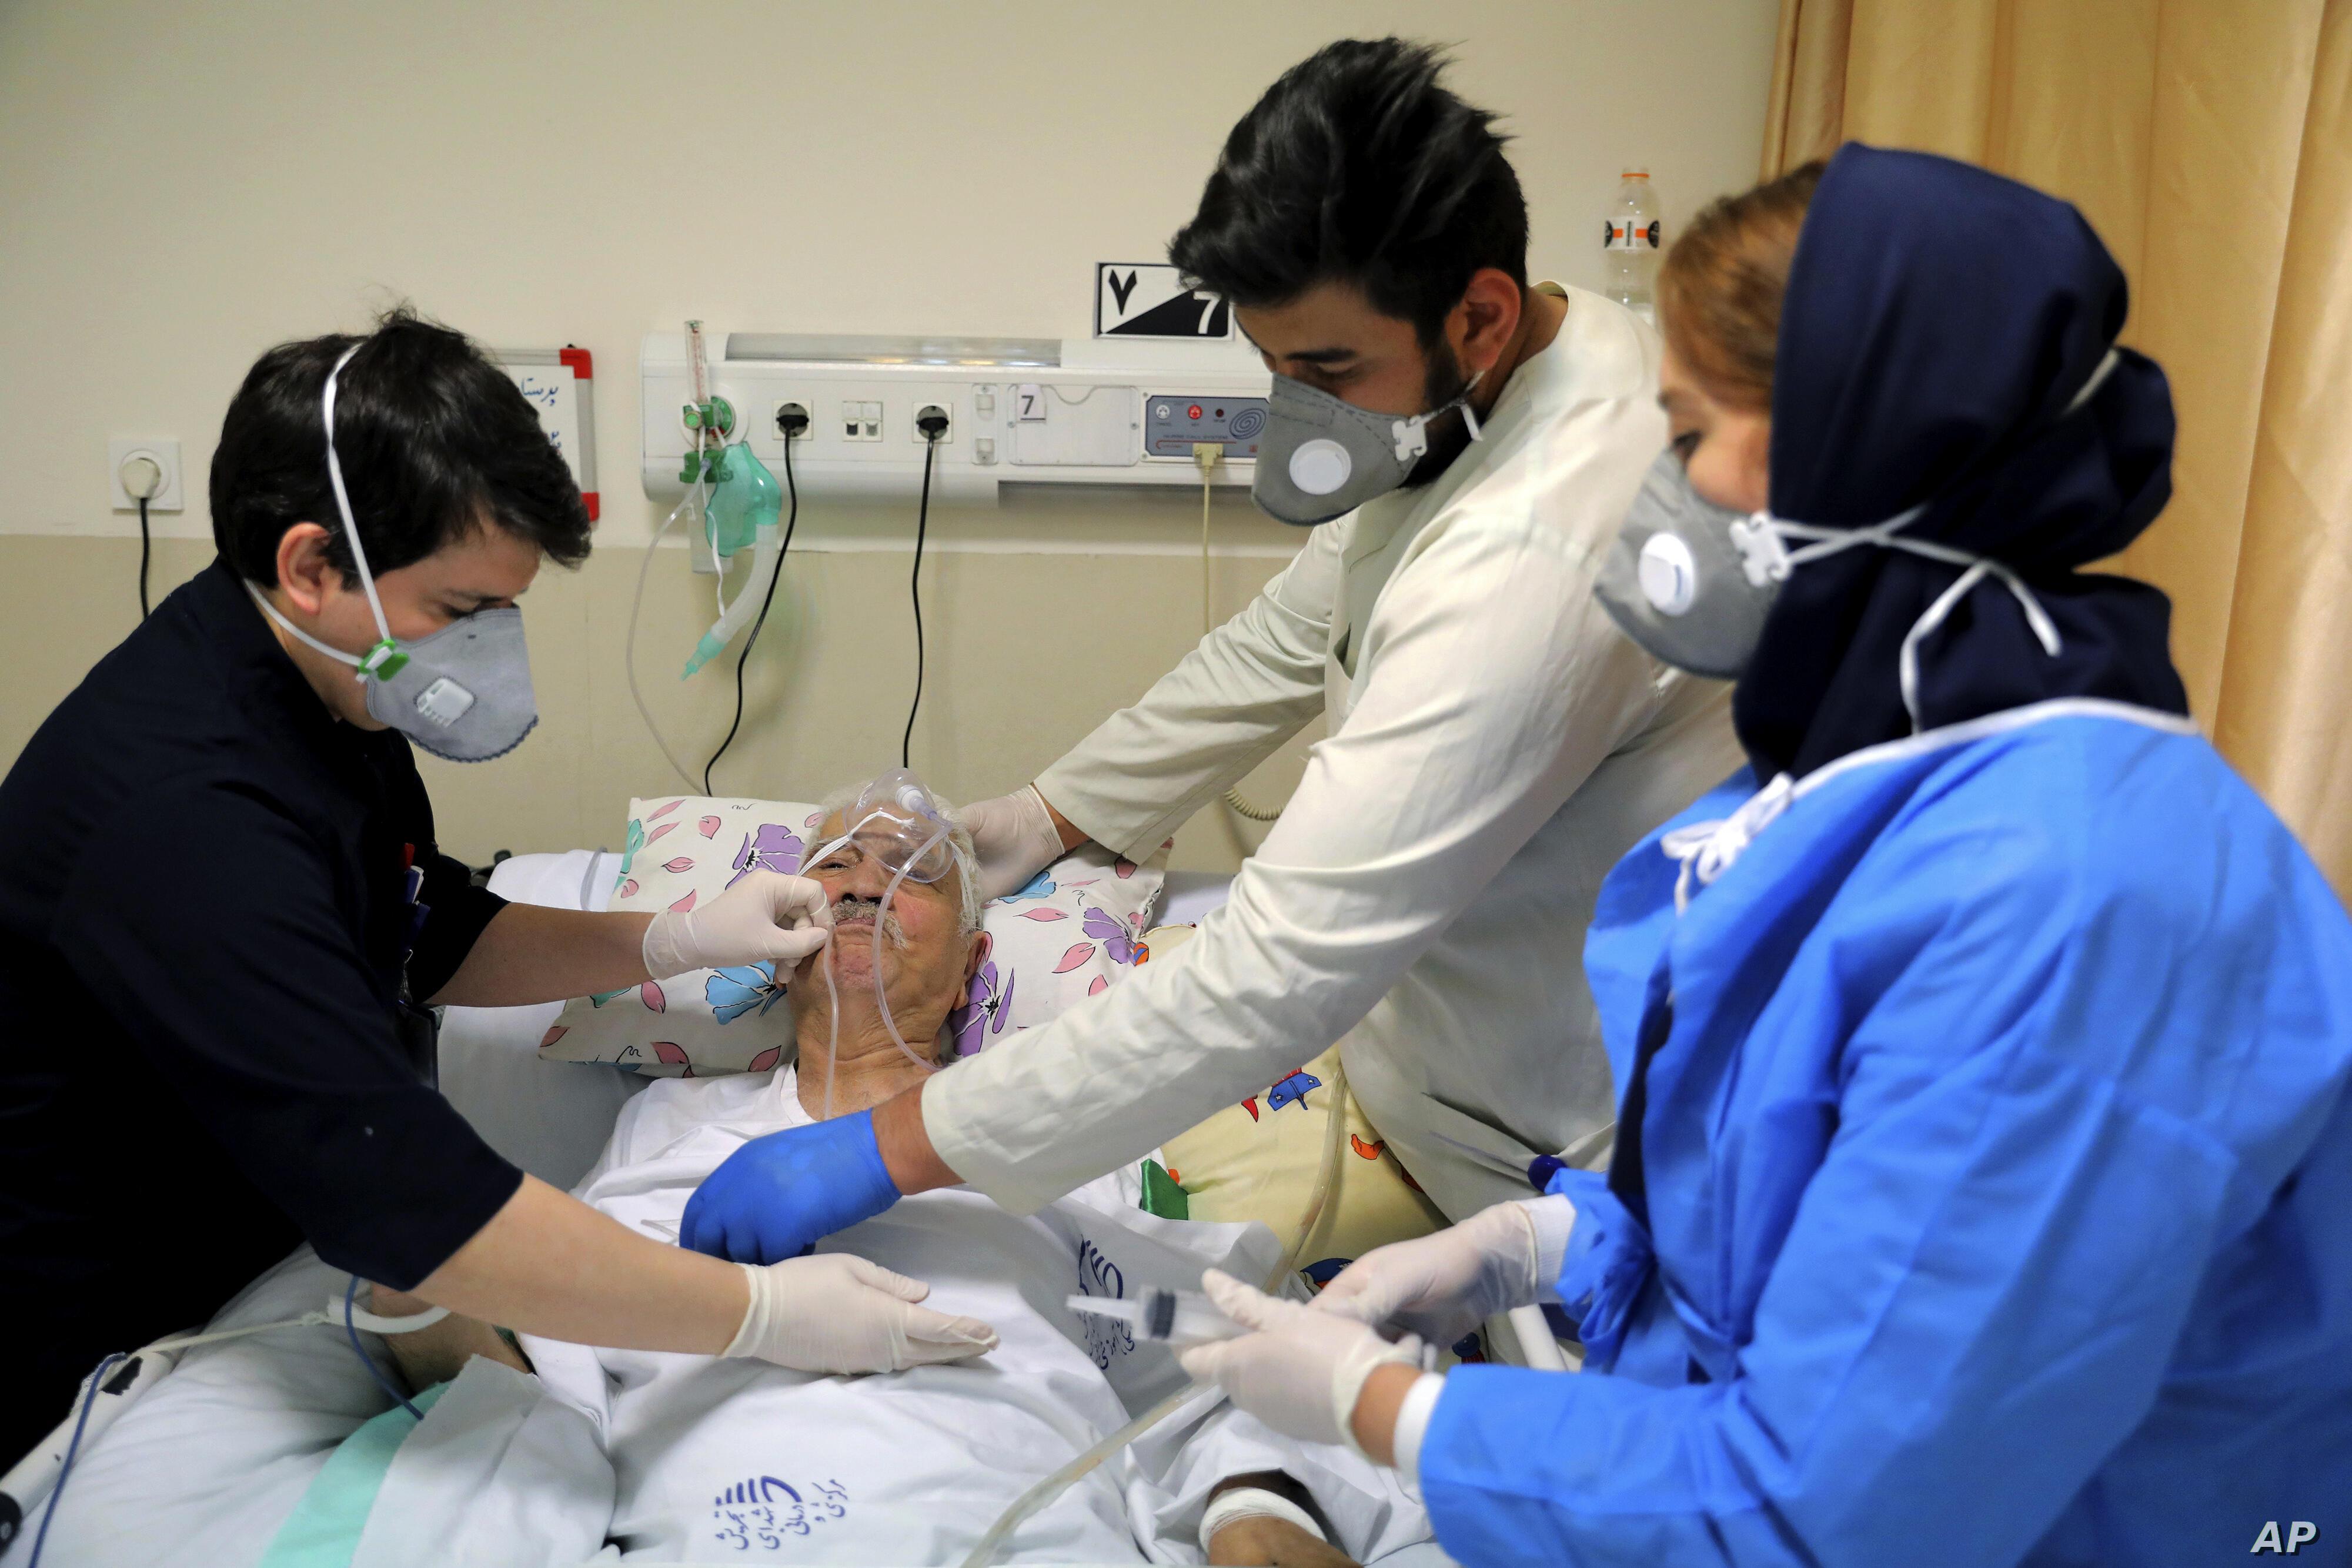 فوت ۳۶۴ بیمار کرونایی در شبانه روز گذشته